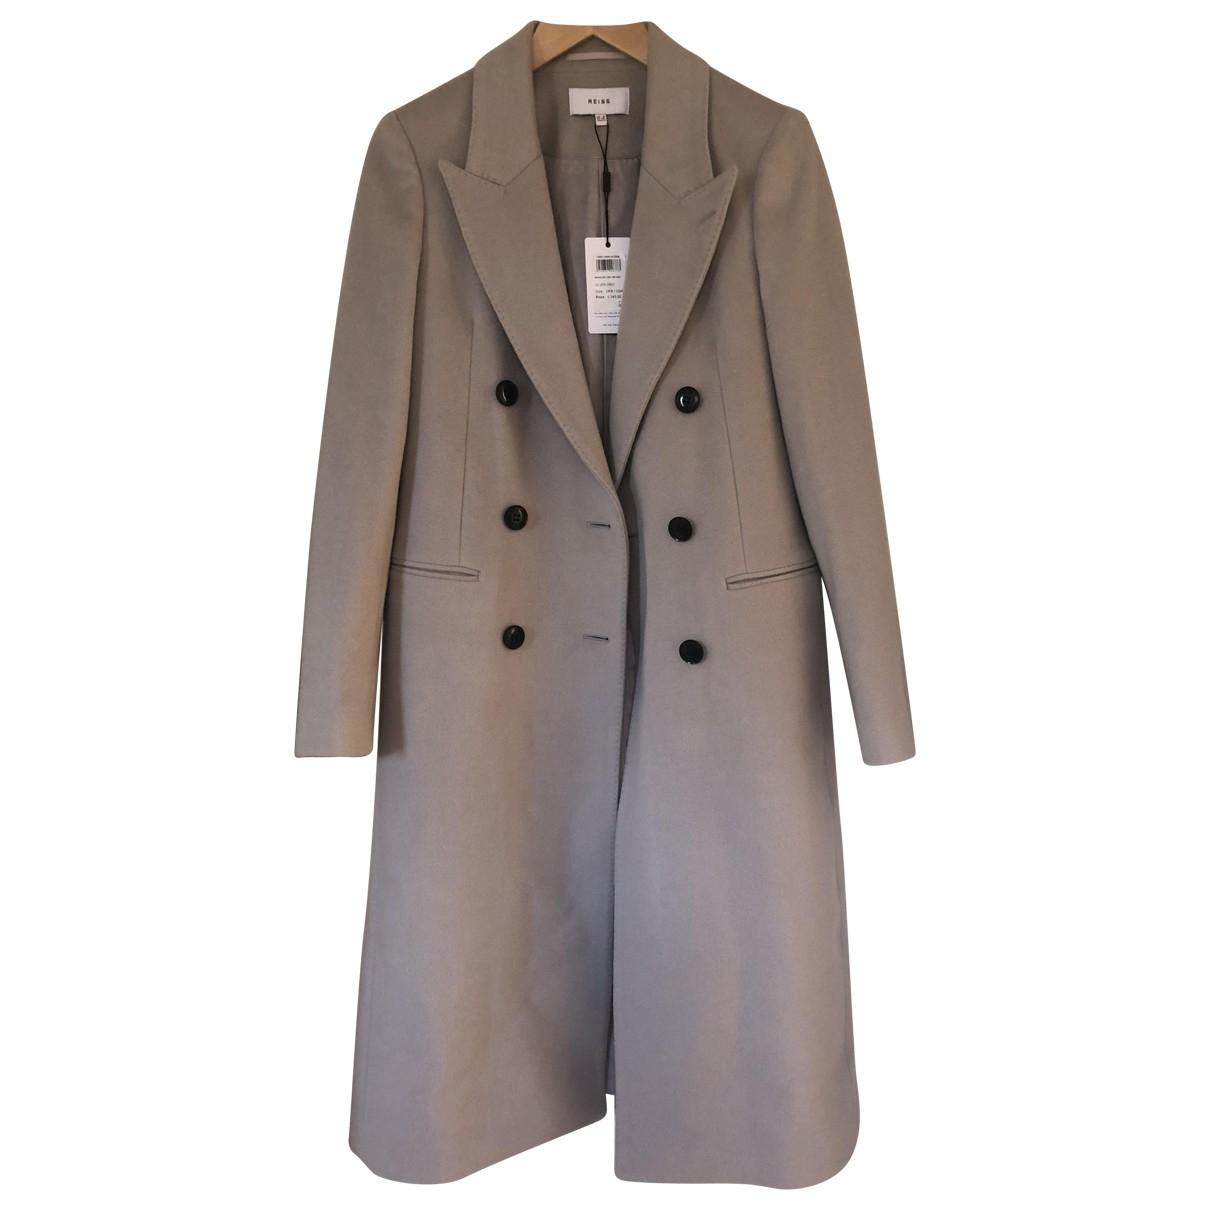 Reiss - Manteau   pour femme - gris